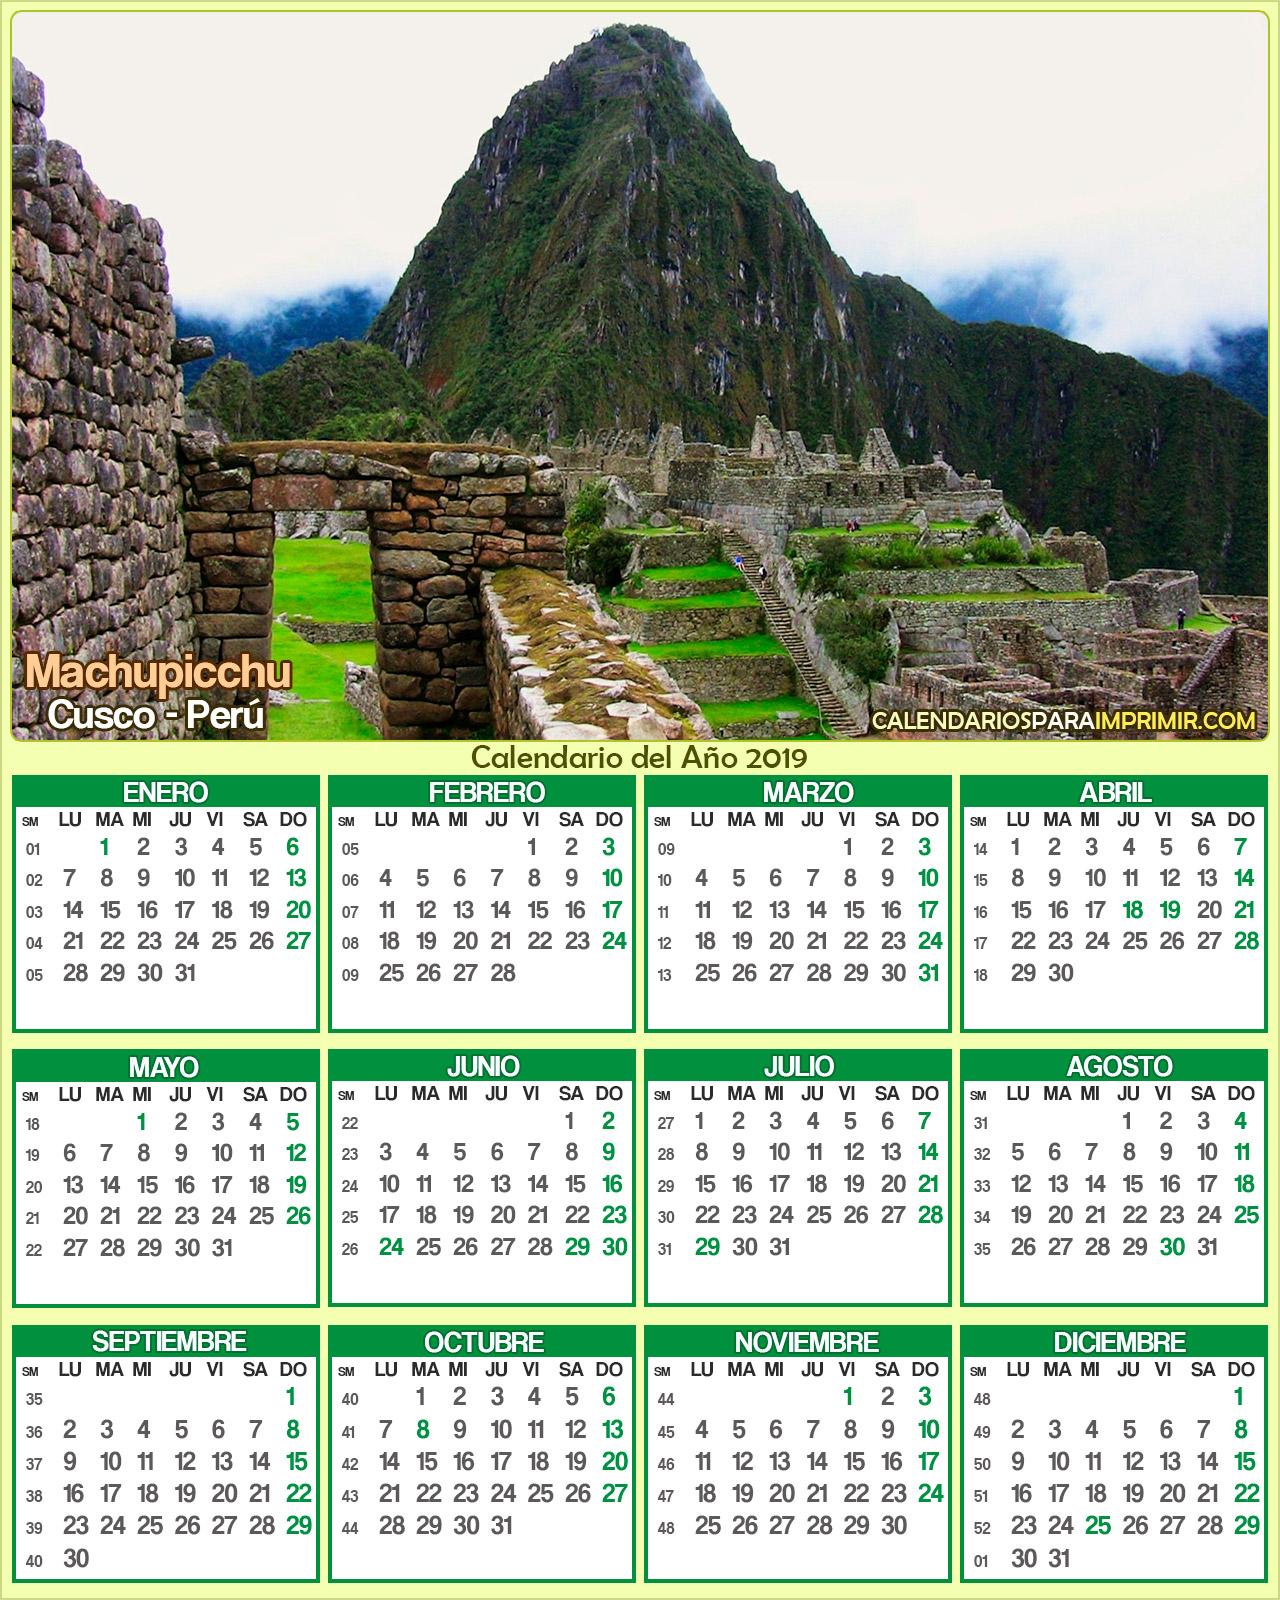 calendario peru 2019 cusco